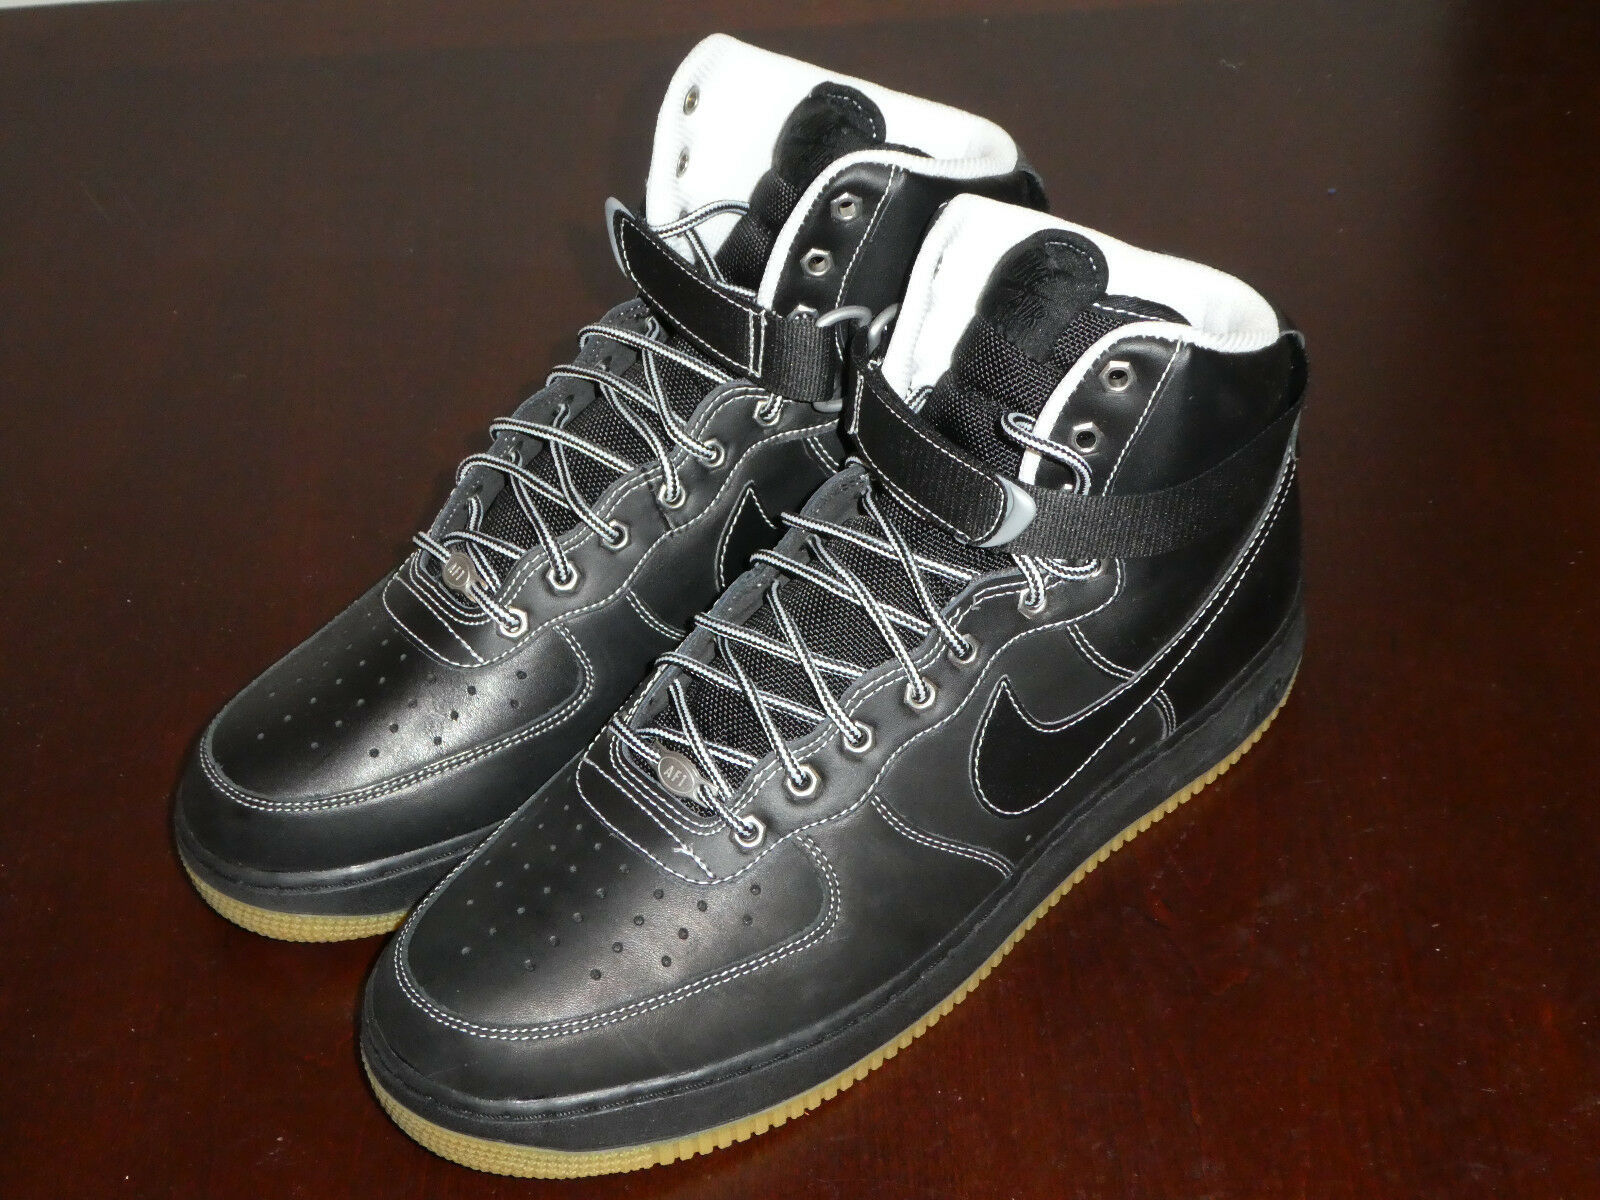 Nike Air Force 1 1 Force High 07 Hombre Shoes zapatillas nuevas 315121 028 el último descuento zapatos para hombres y mujeres 24b159